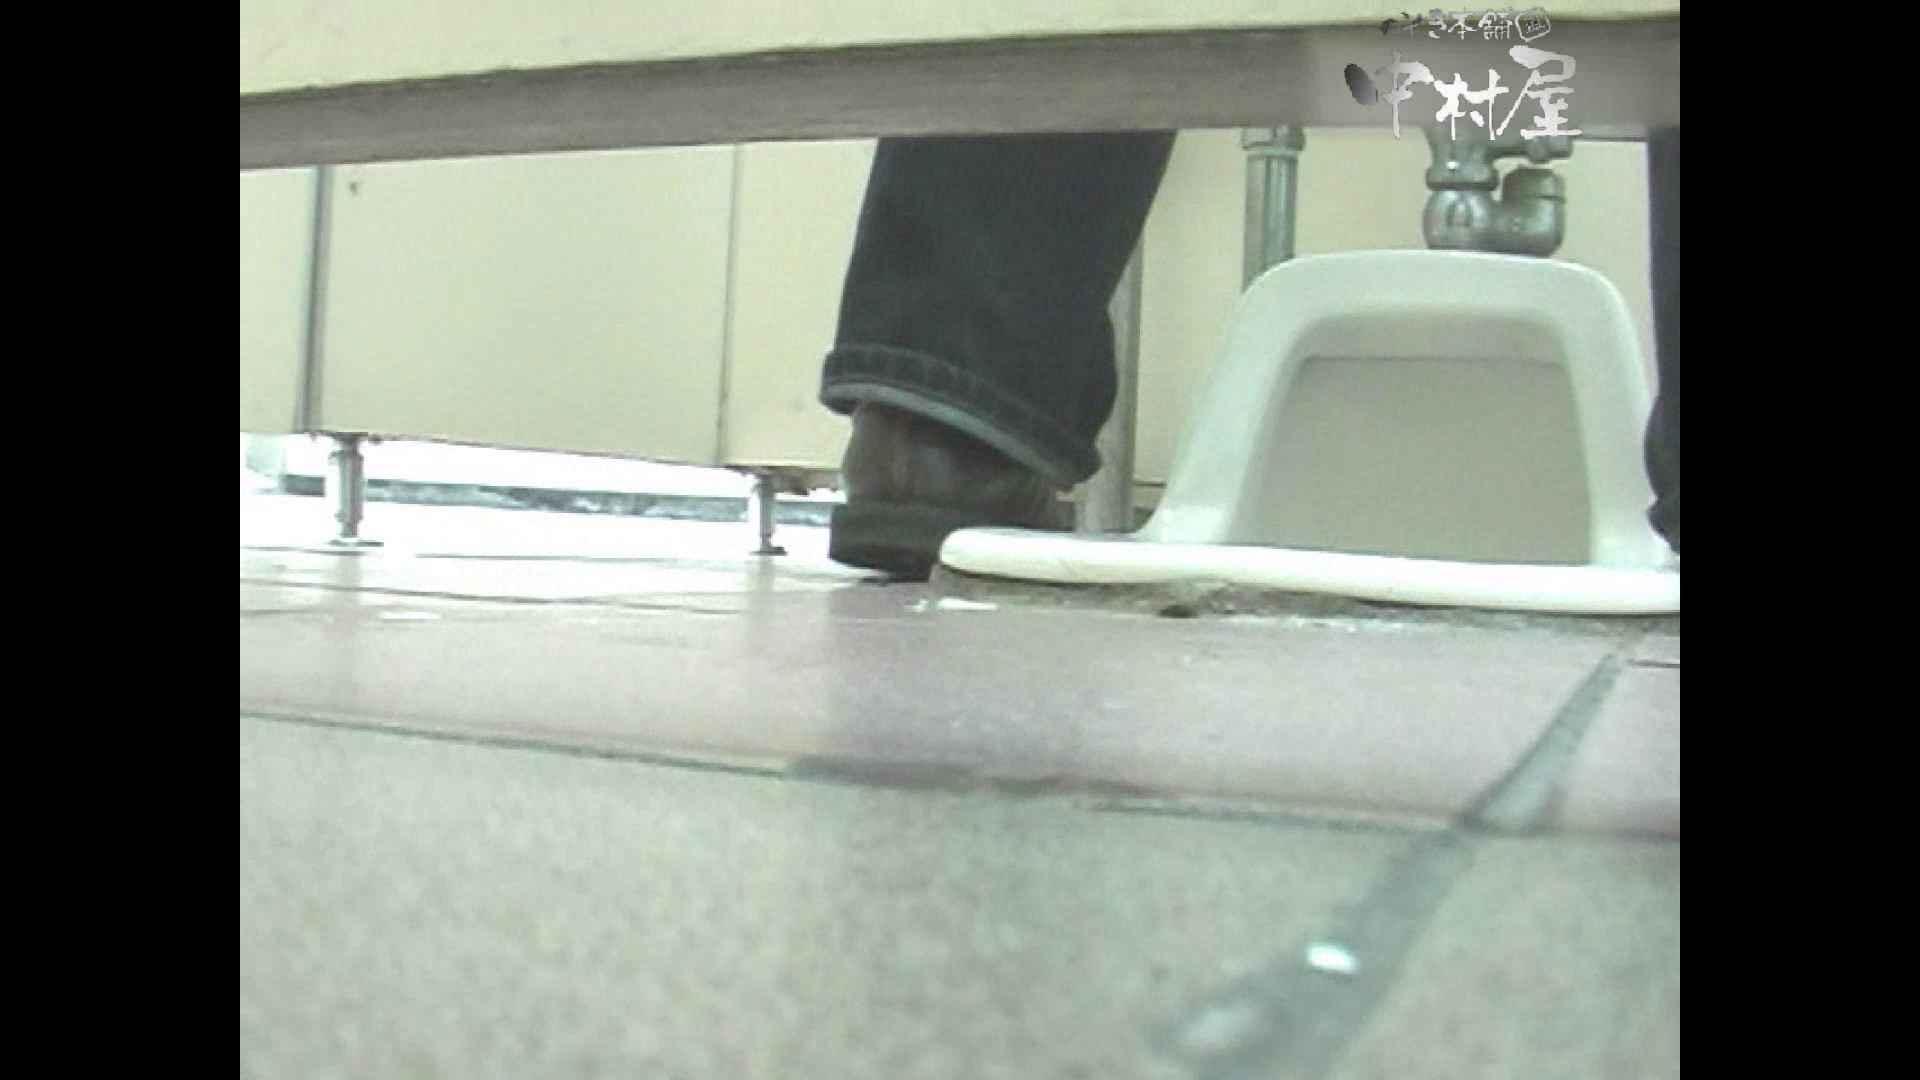 岩手県在住盗撮師盗撮記録vol.37 女体盗撮 のぞき動画画像 86連発 53